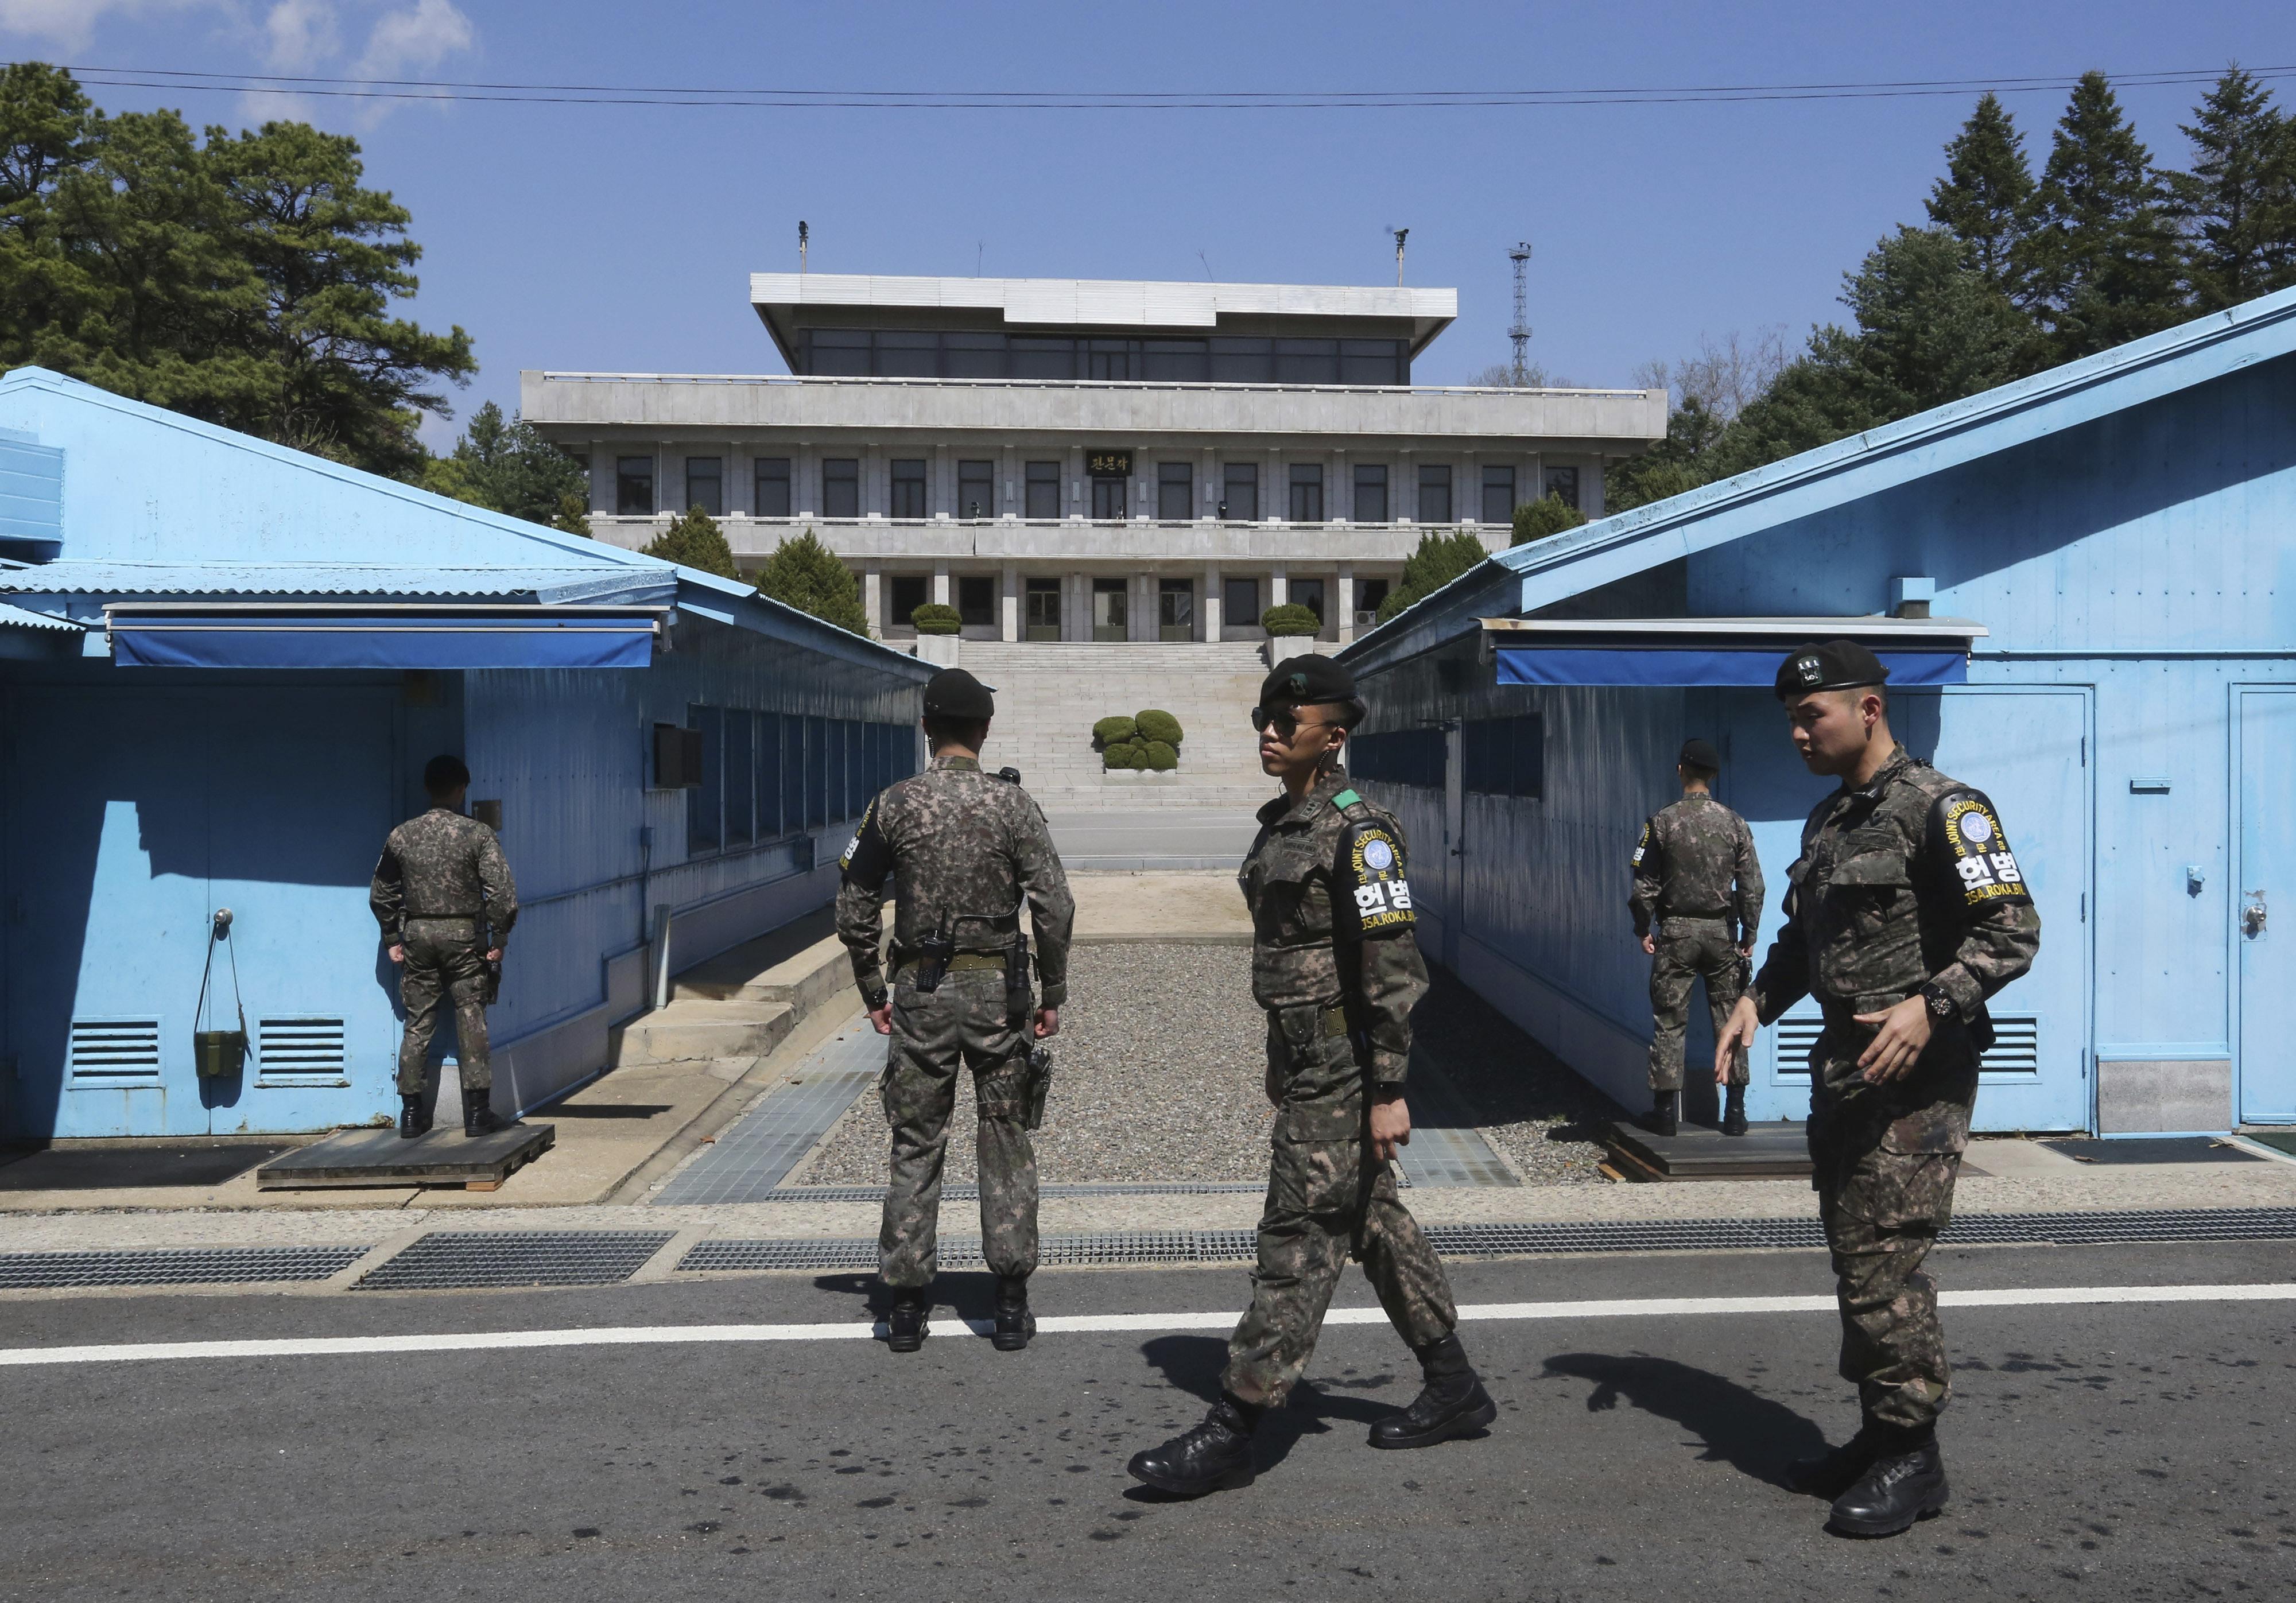 En esta imagen del miércoles 11 de abril de 2018, se ve a soldados del ejército surcoreano montando guardia en la localidad fronteriza de Panmunjom en Paju, Corea del Sur. (AP Foto/Ahn Young-joon)